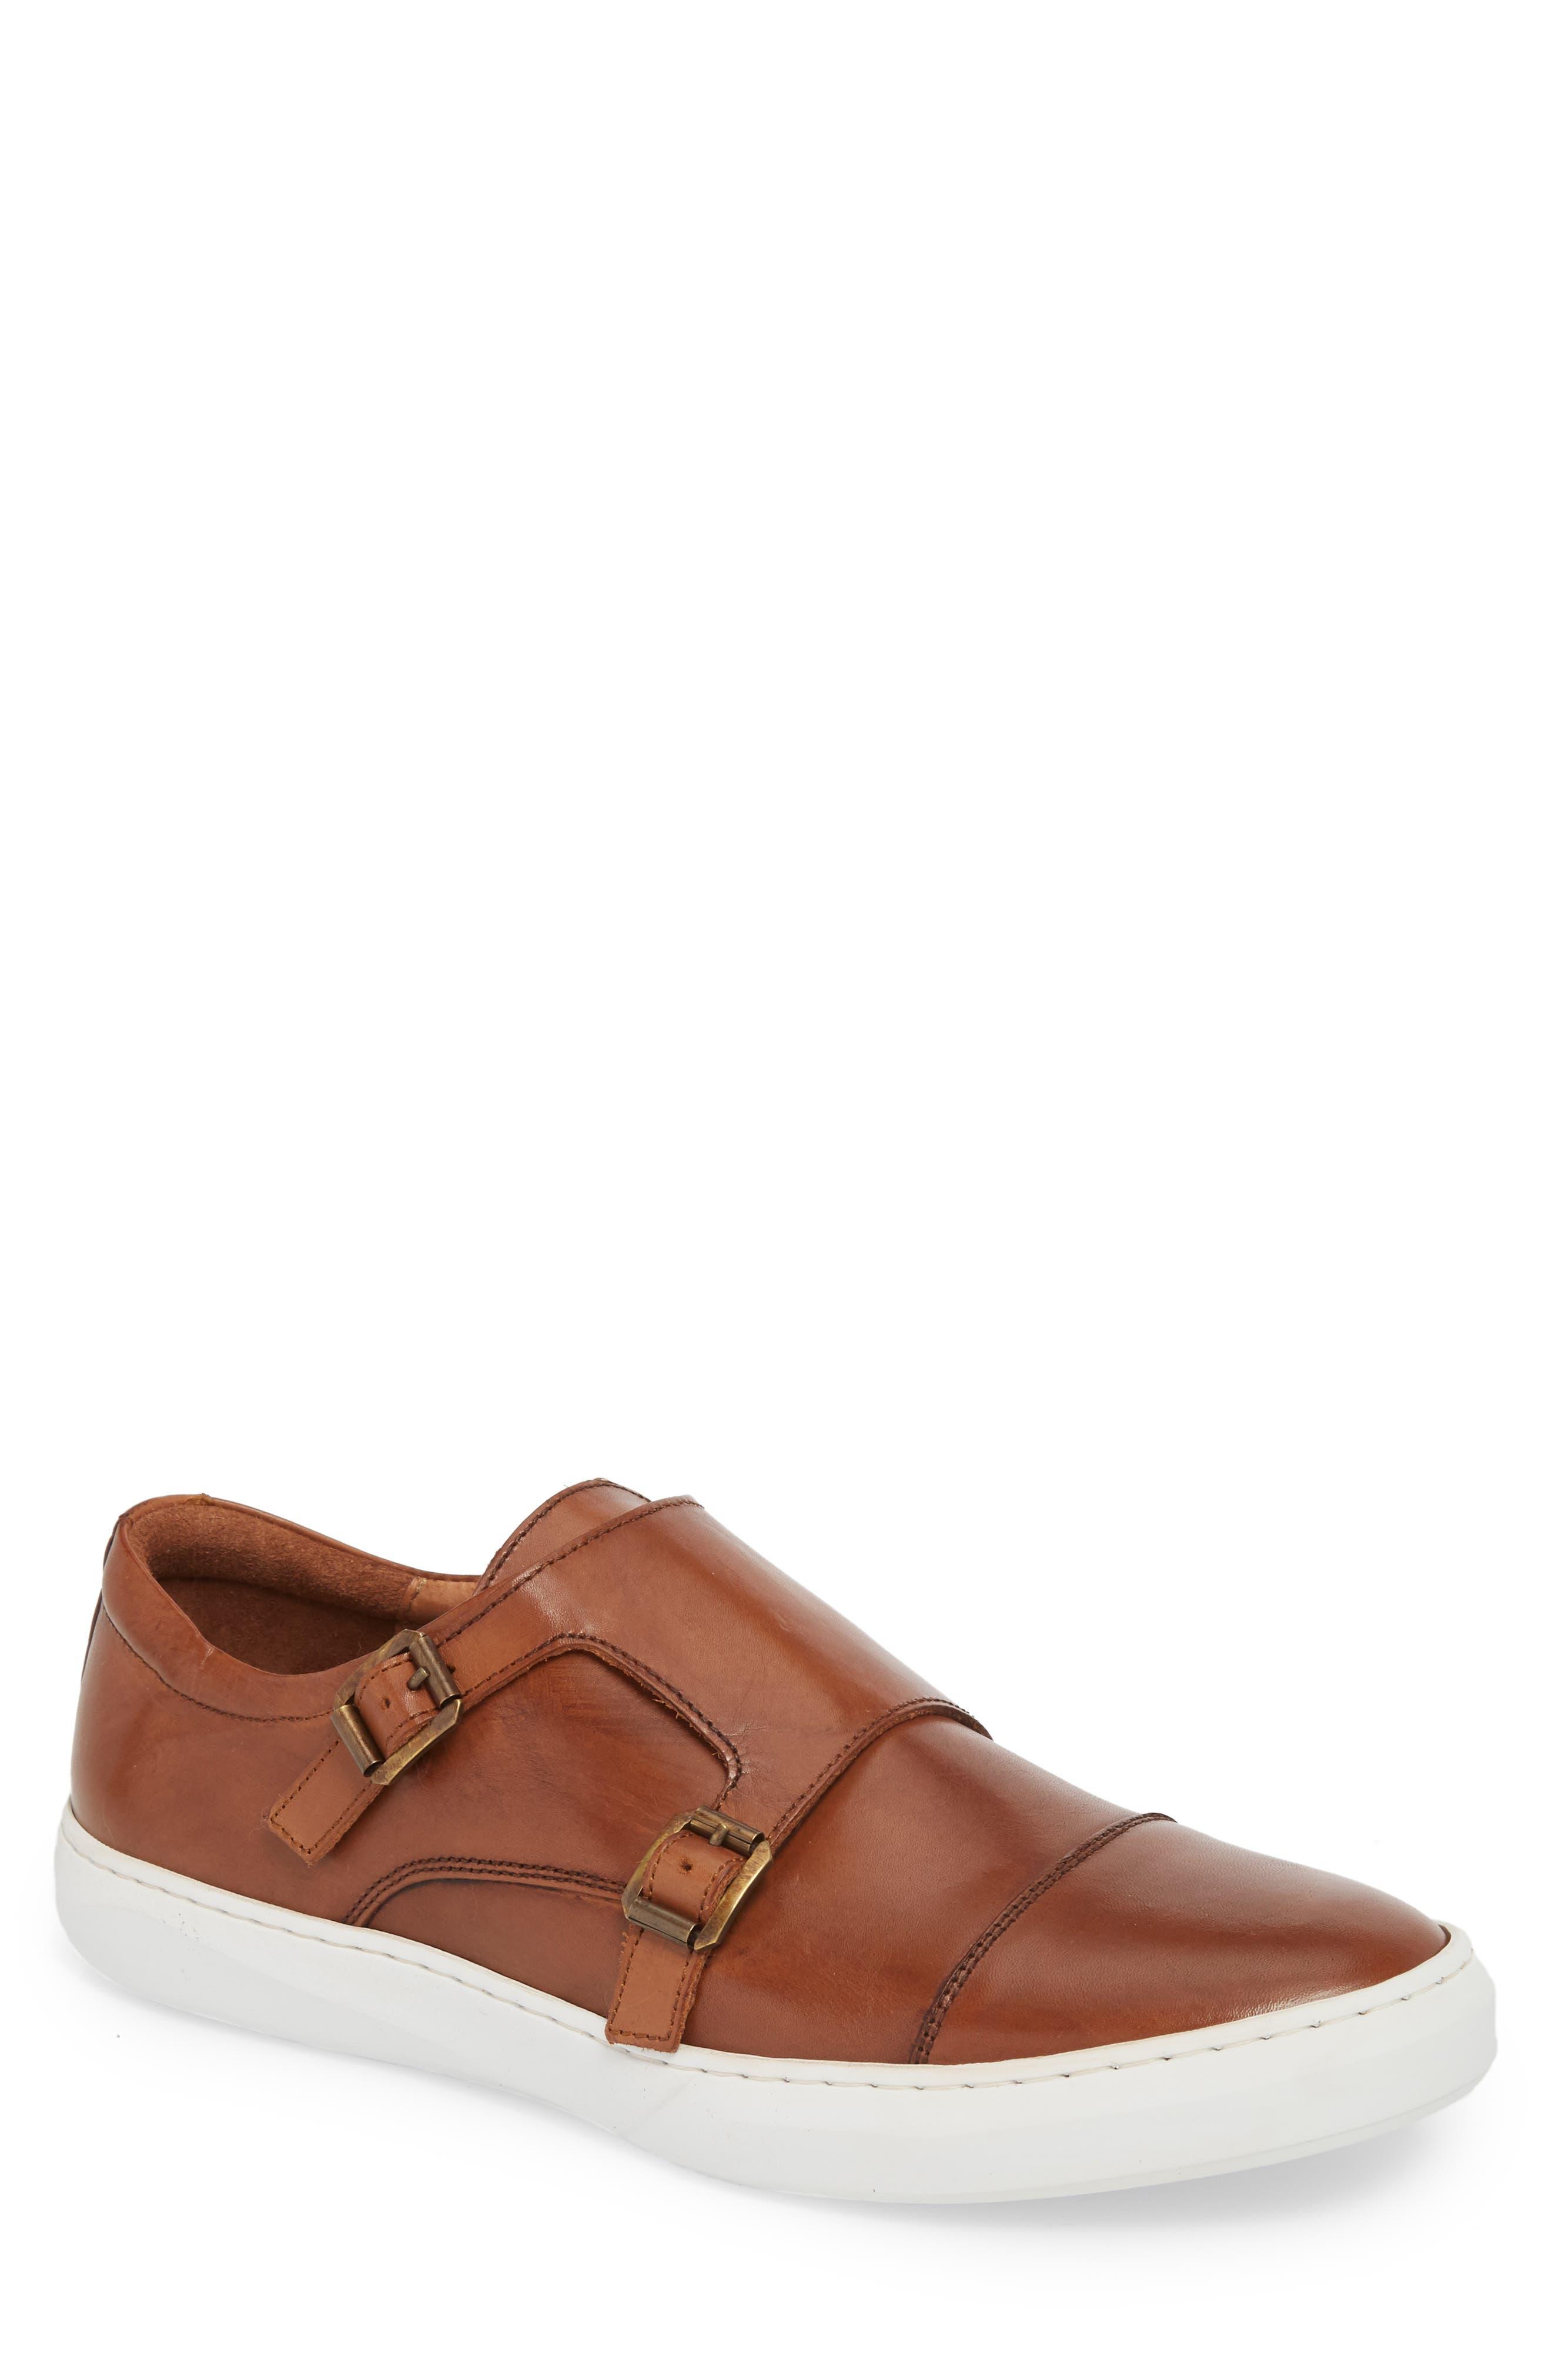 Whyle Double Strap Monk Sneaker,                             Main thumbnail 1, color,                             Cognac Leather